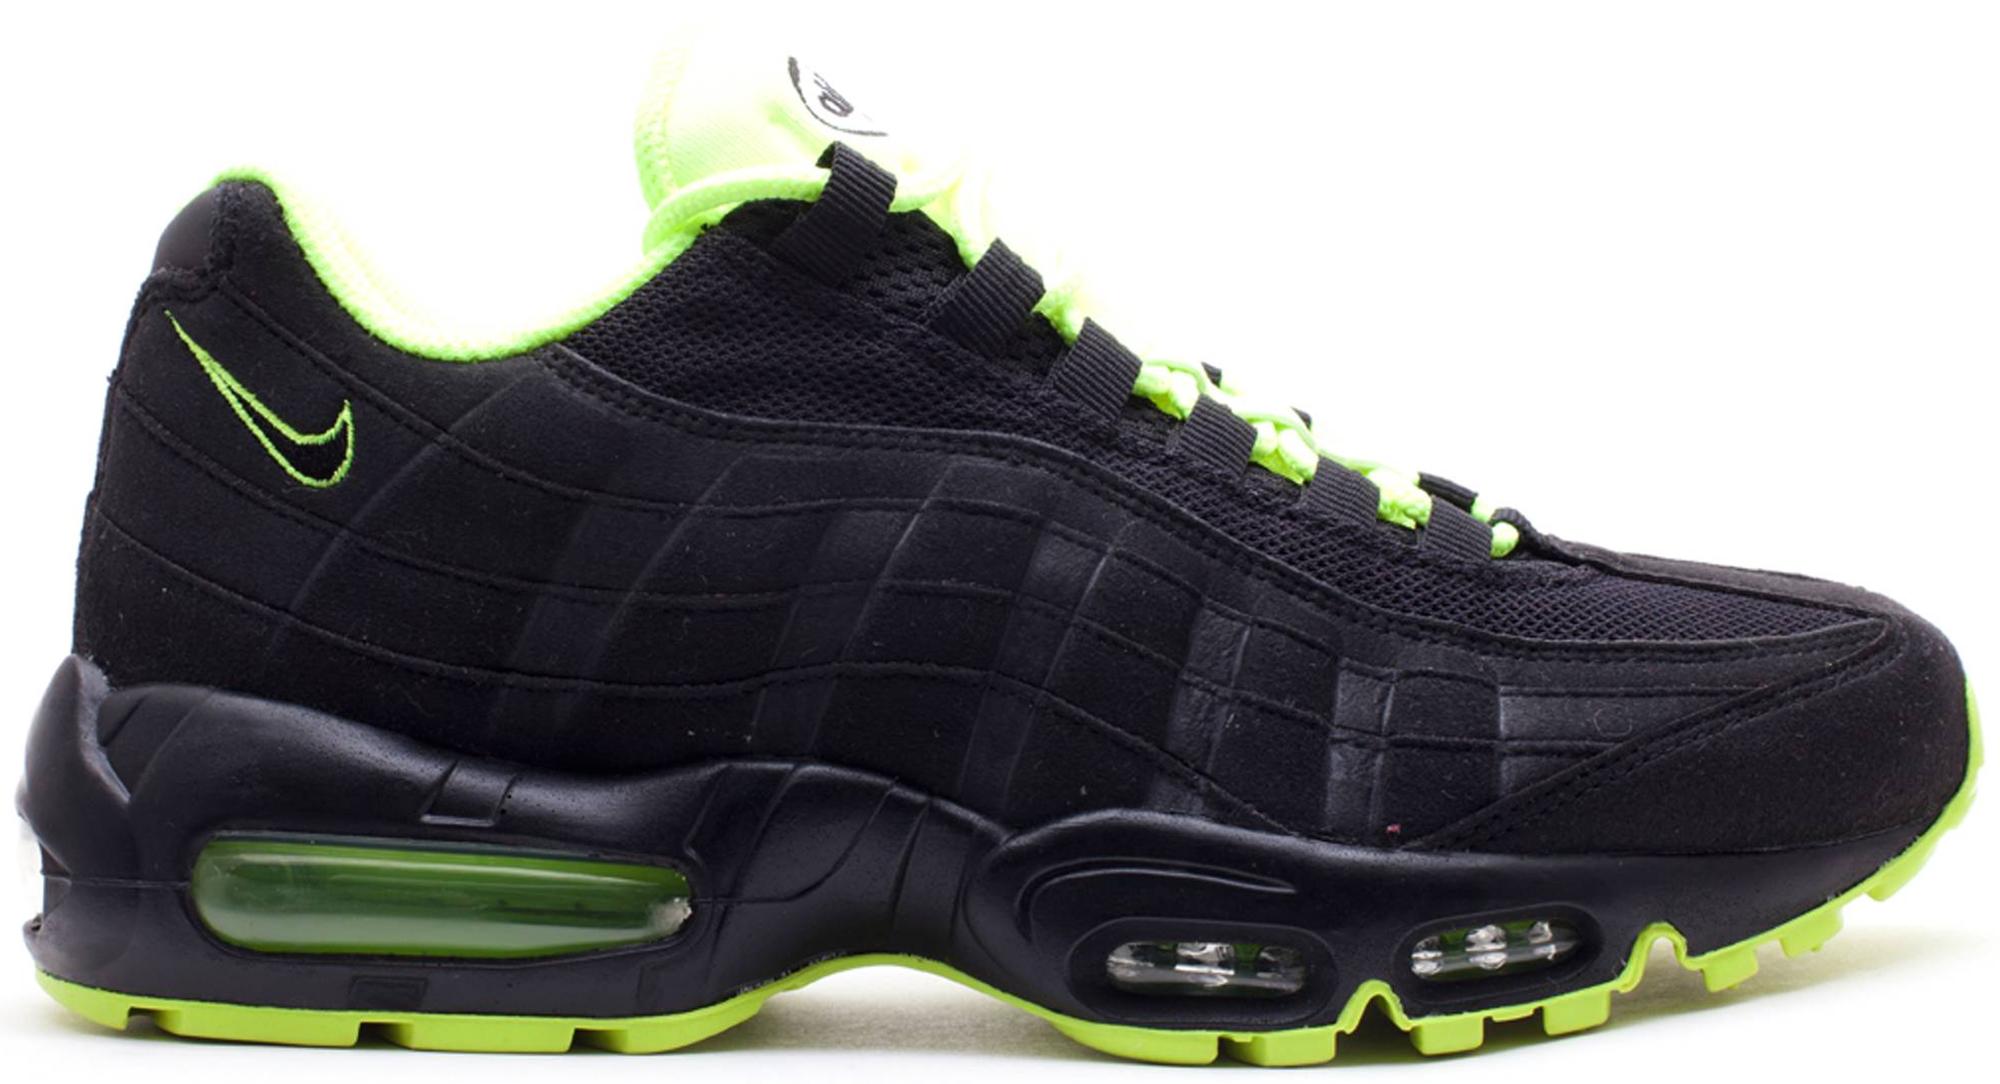 Nike Air Max 95 Black Volt (2012